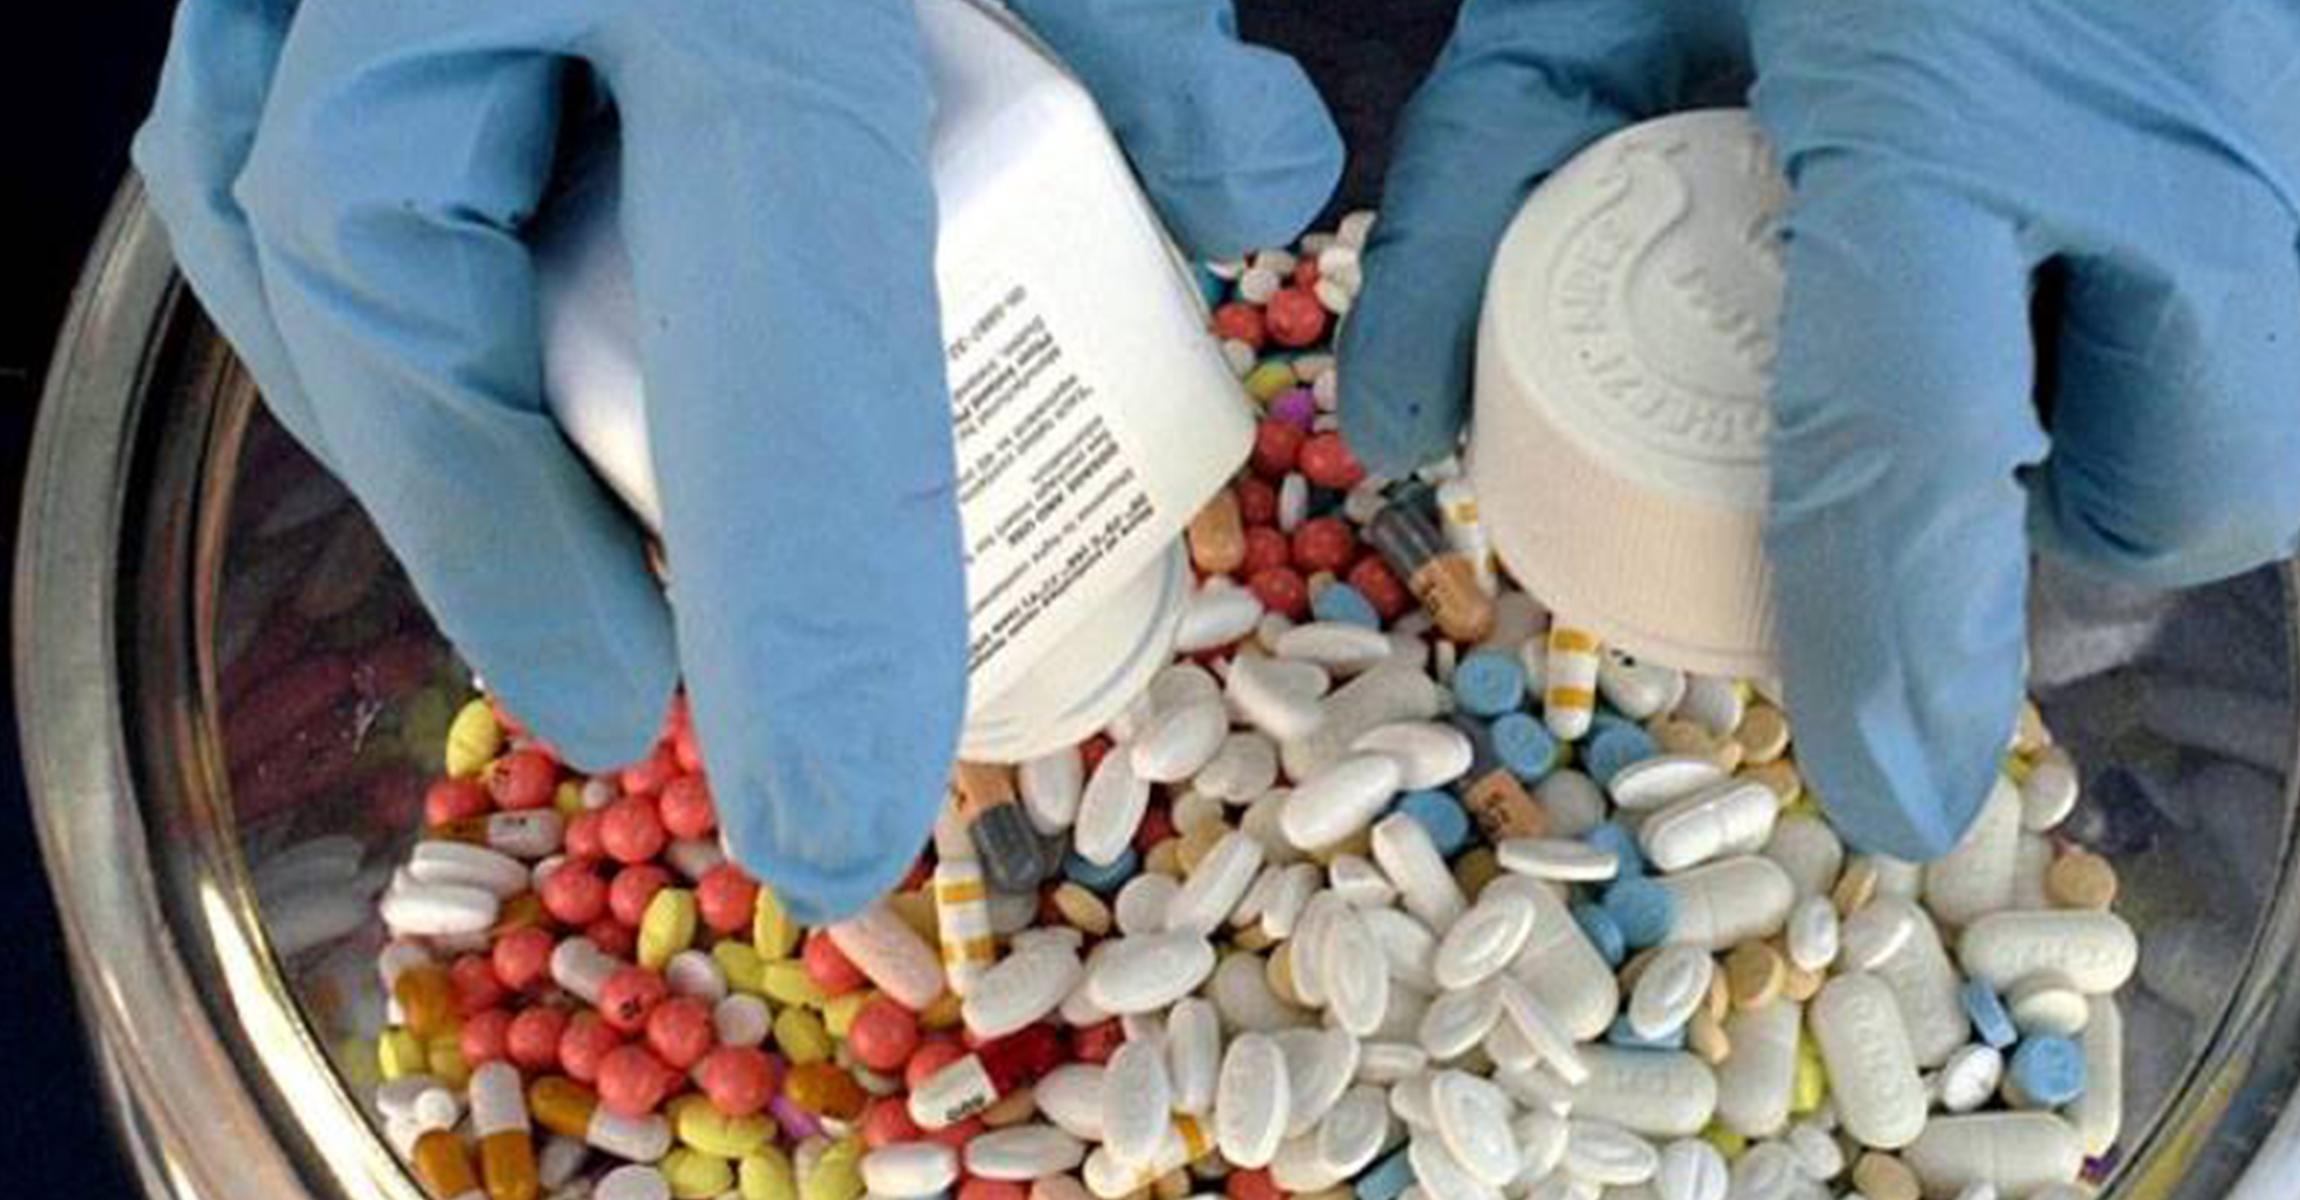 лекарства утиль1